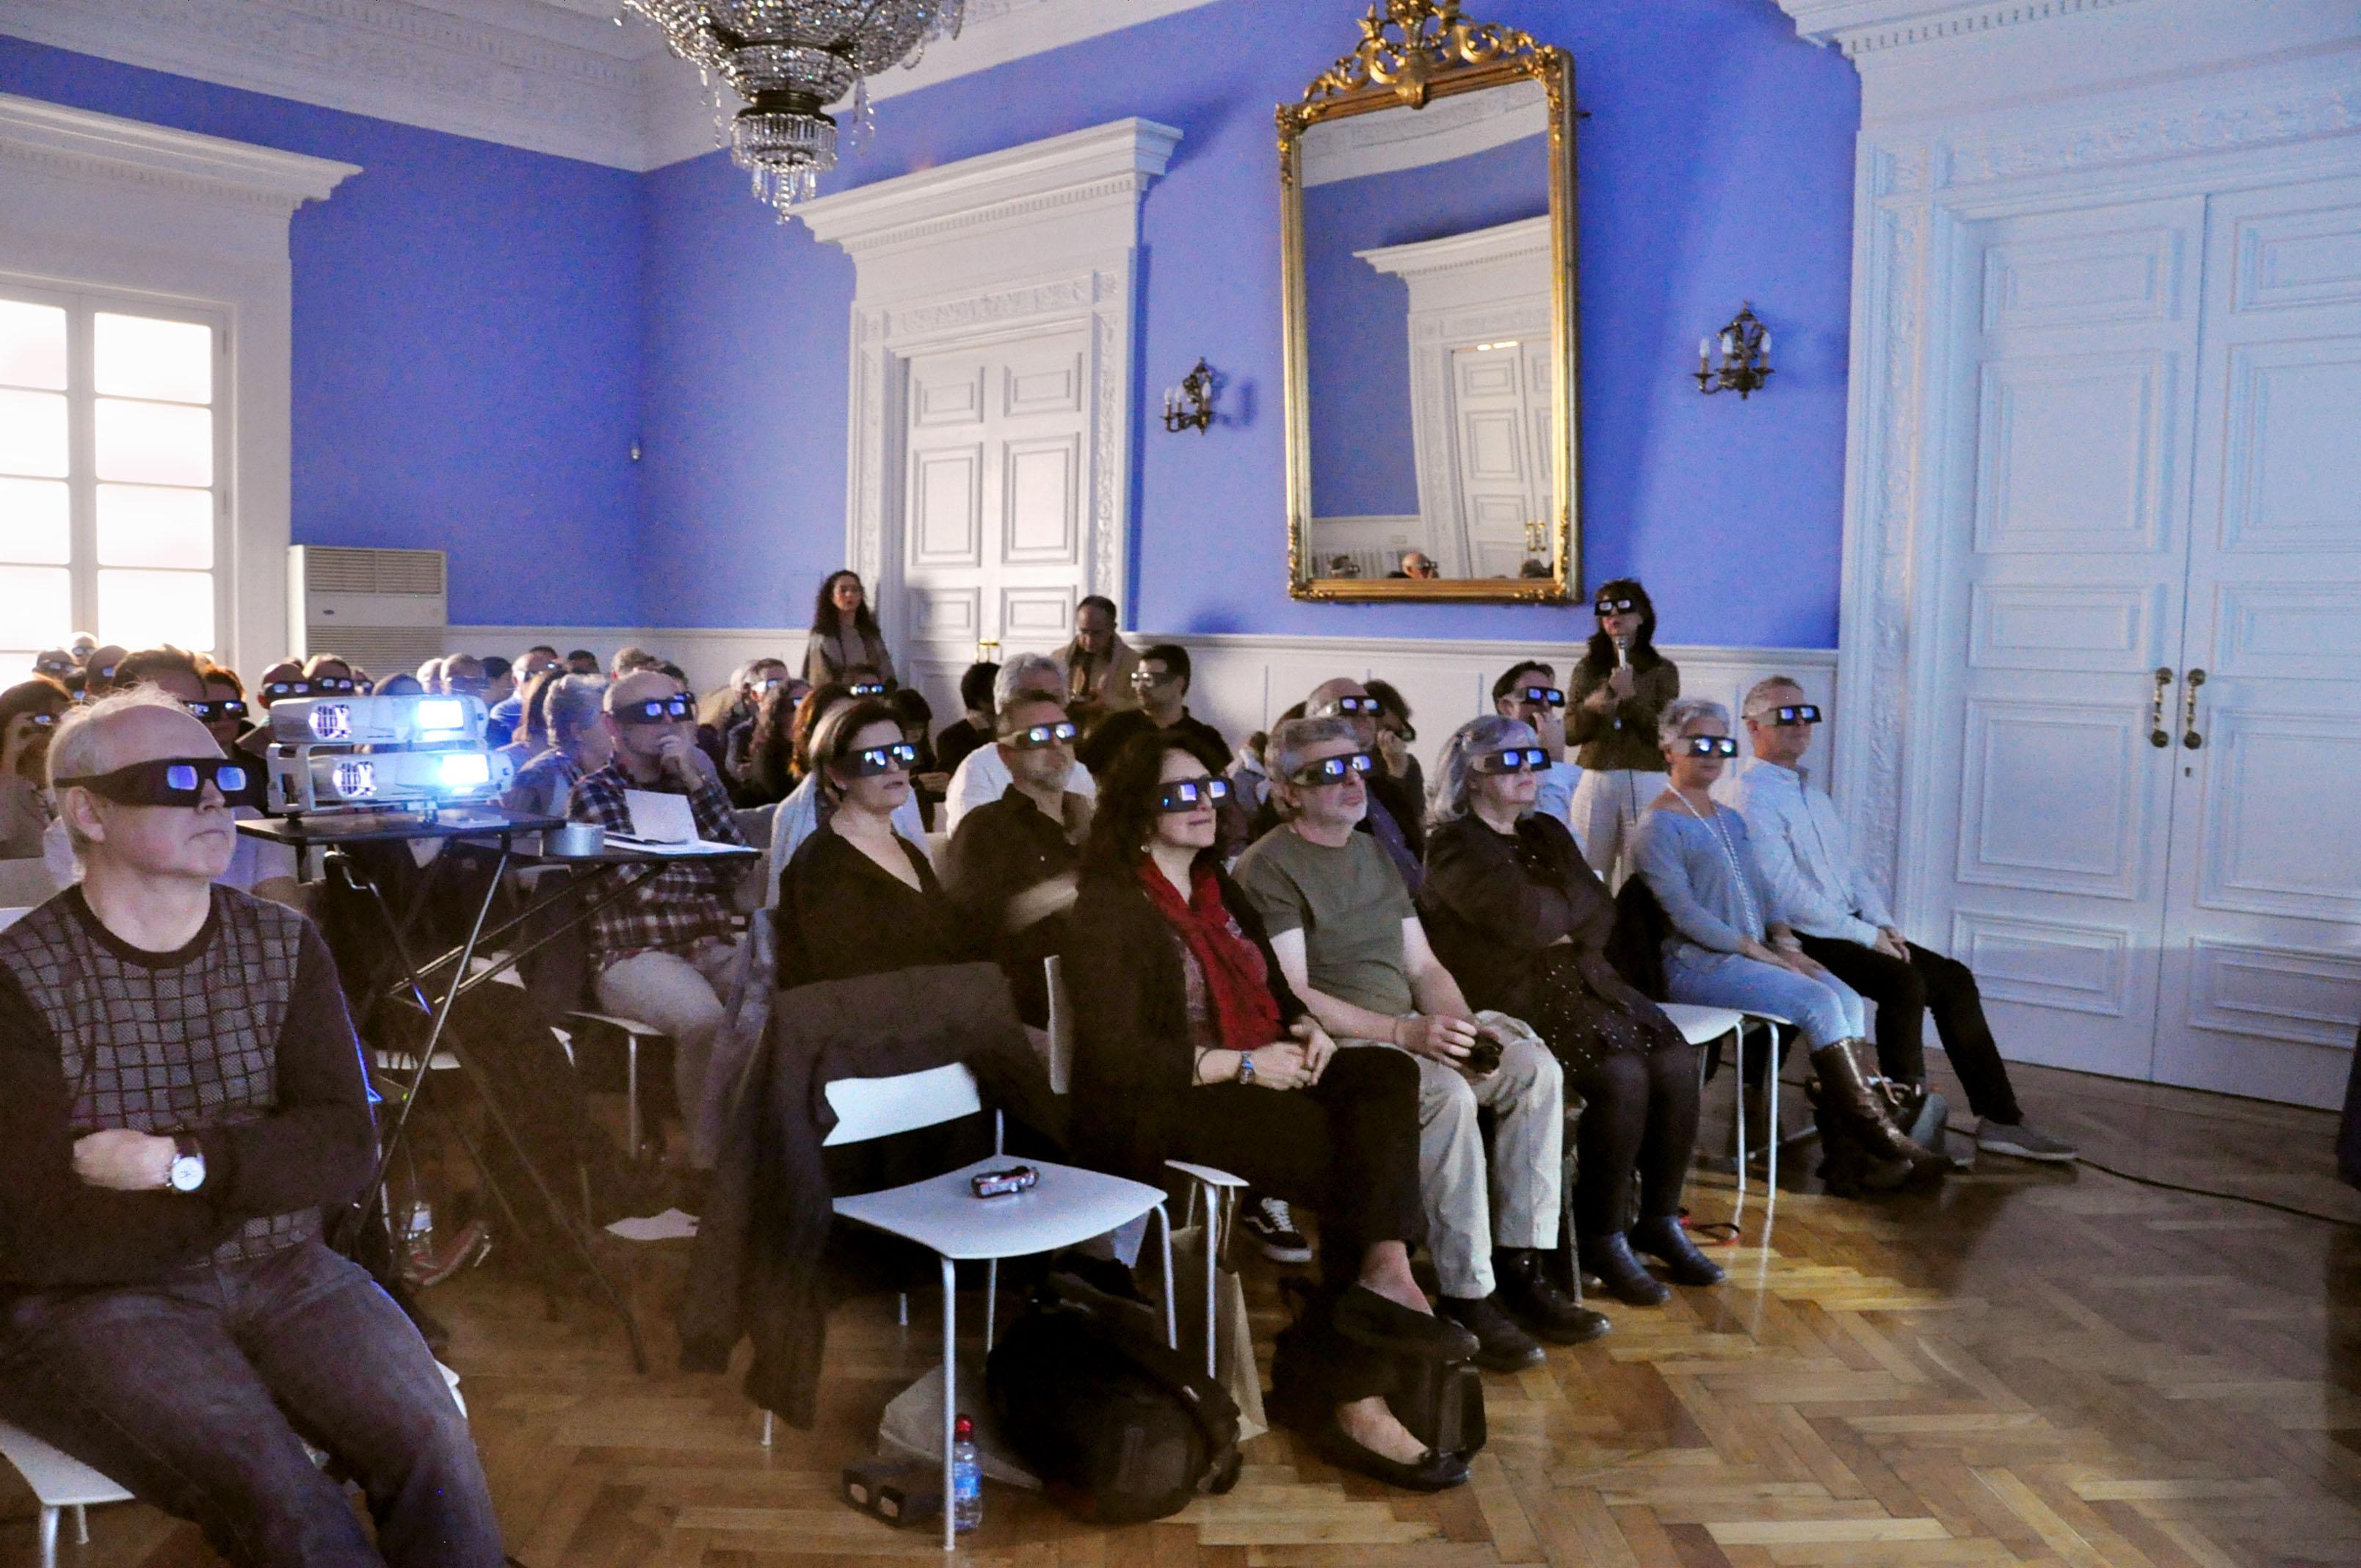 Ponencia de Clausura: Teresa García Ballesteros y J.A. Fernández Rivero, Sala Azul, Palacio de Sástago, 25 de octubre de 2019